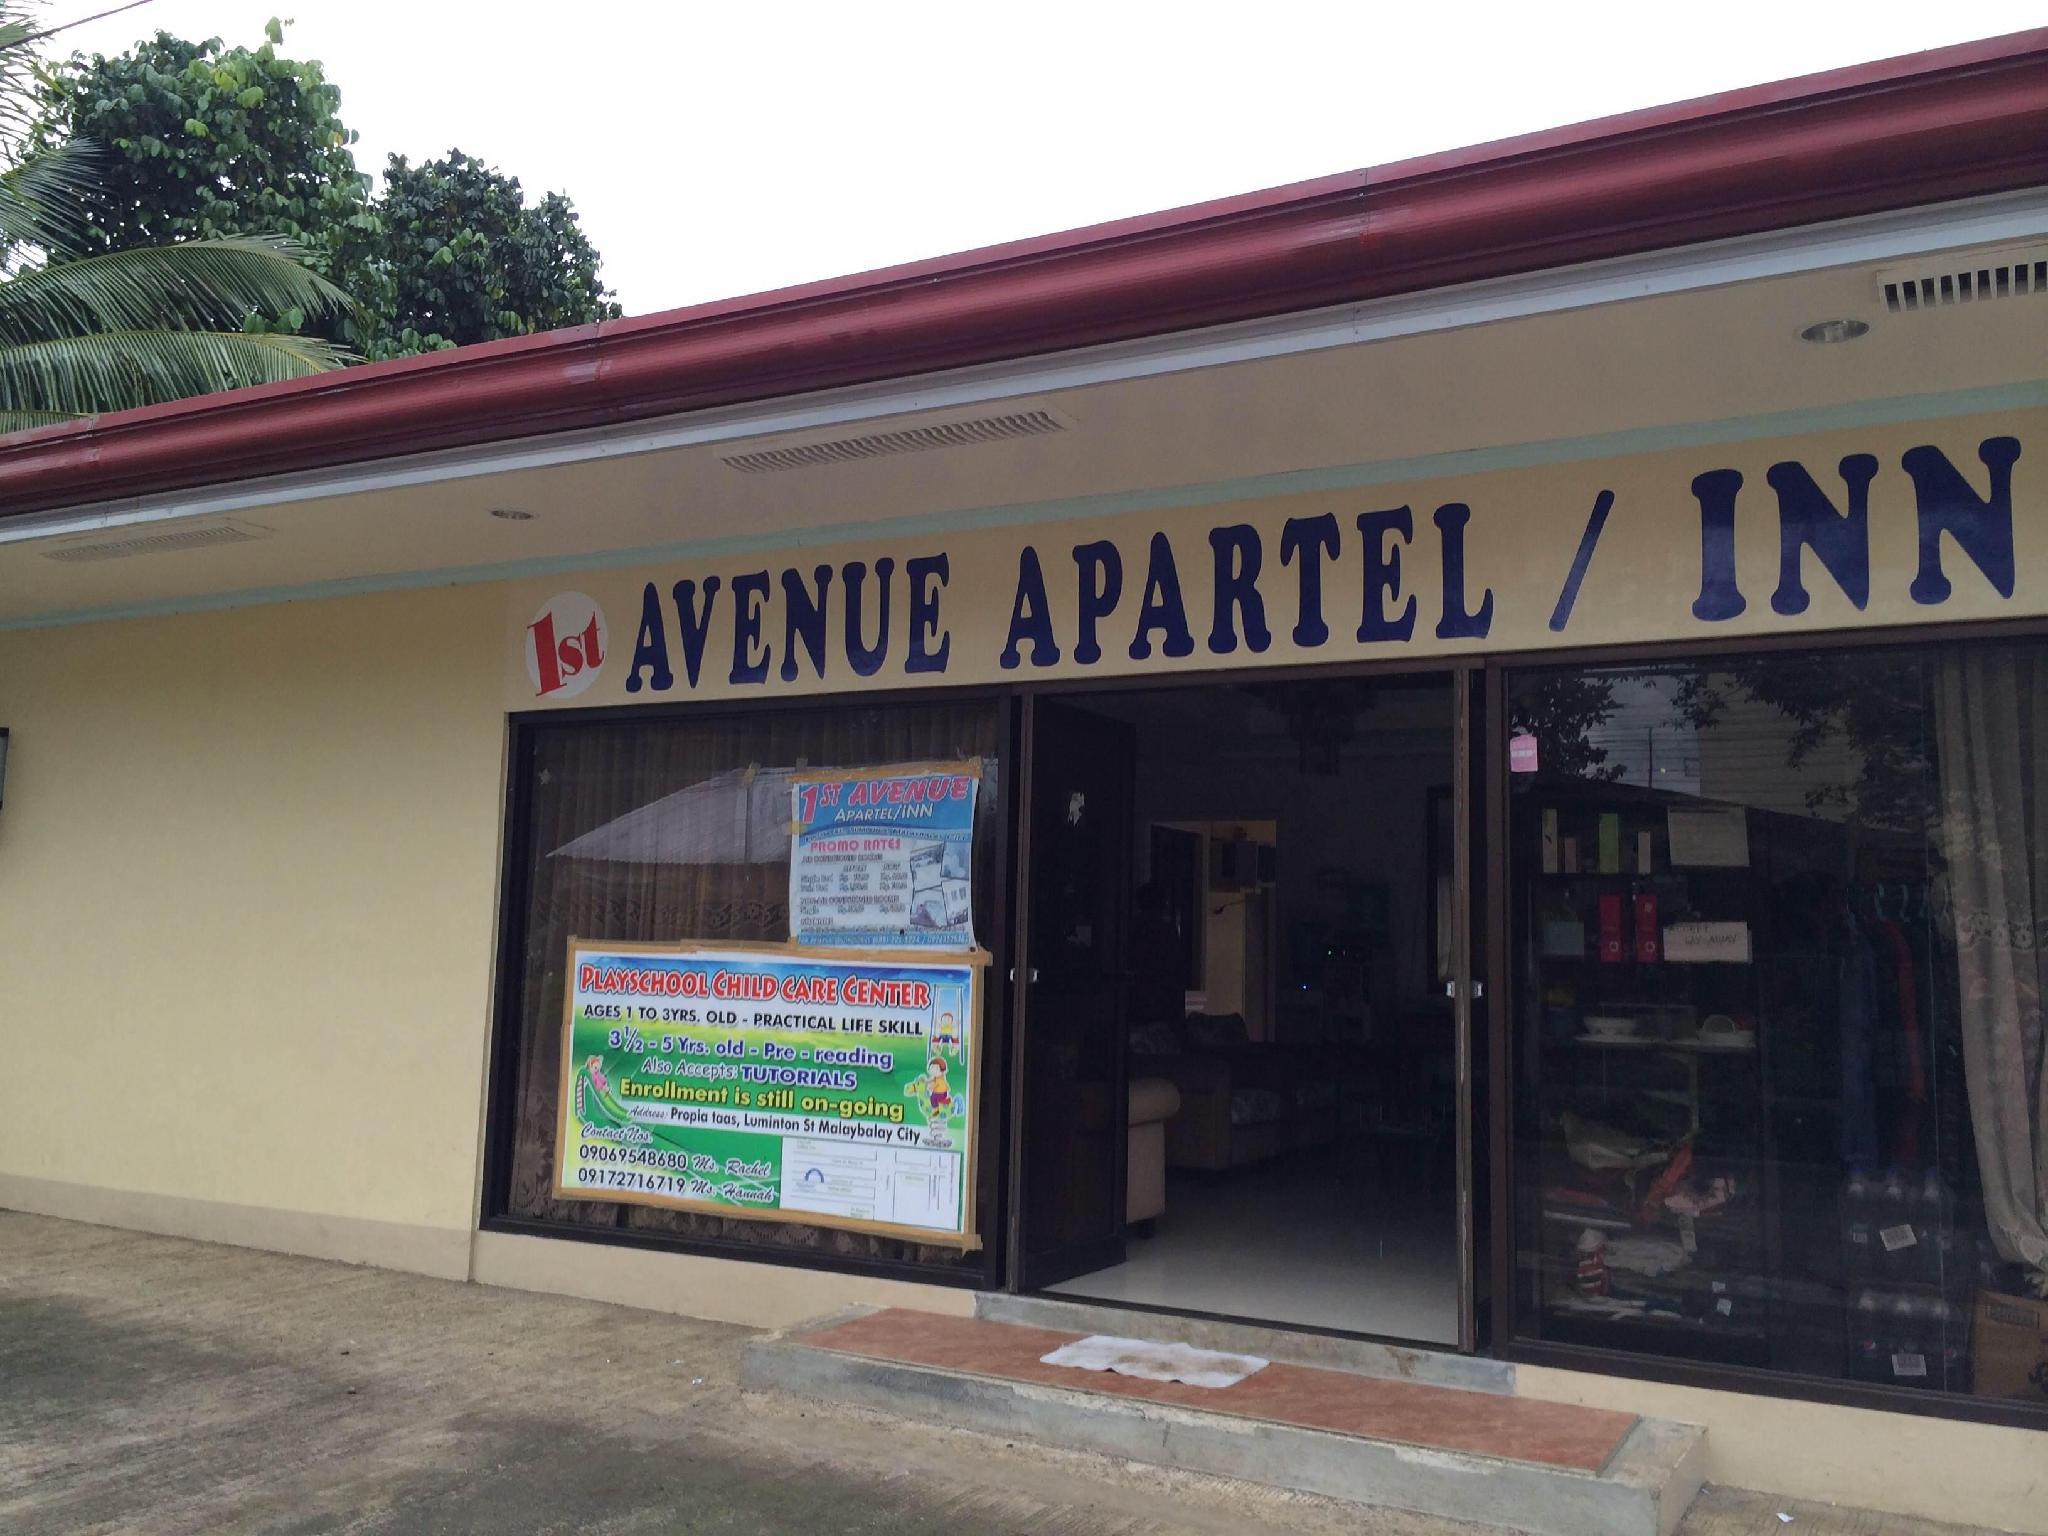 1st Avenue Apartelle